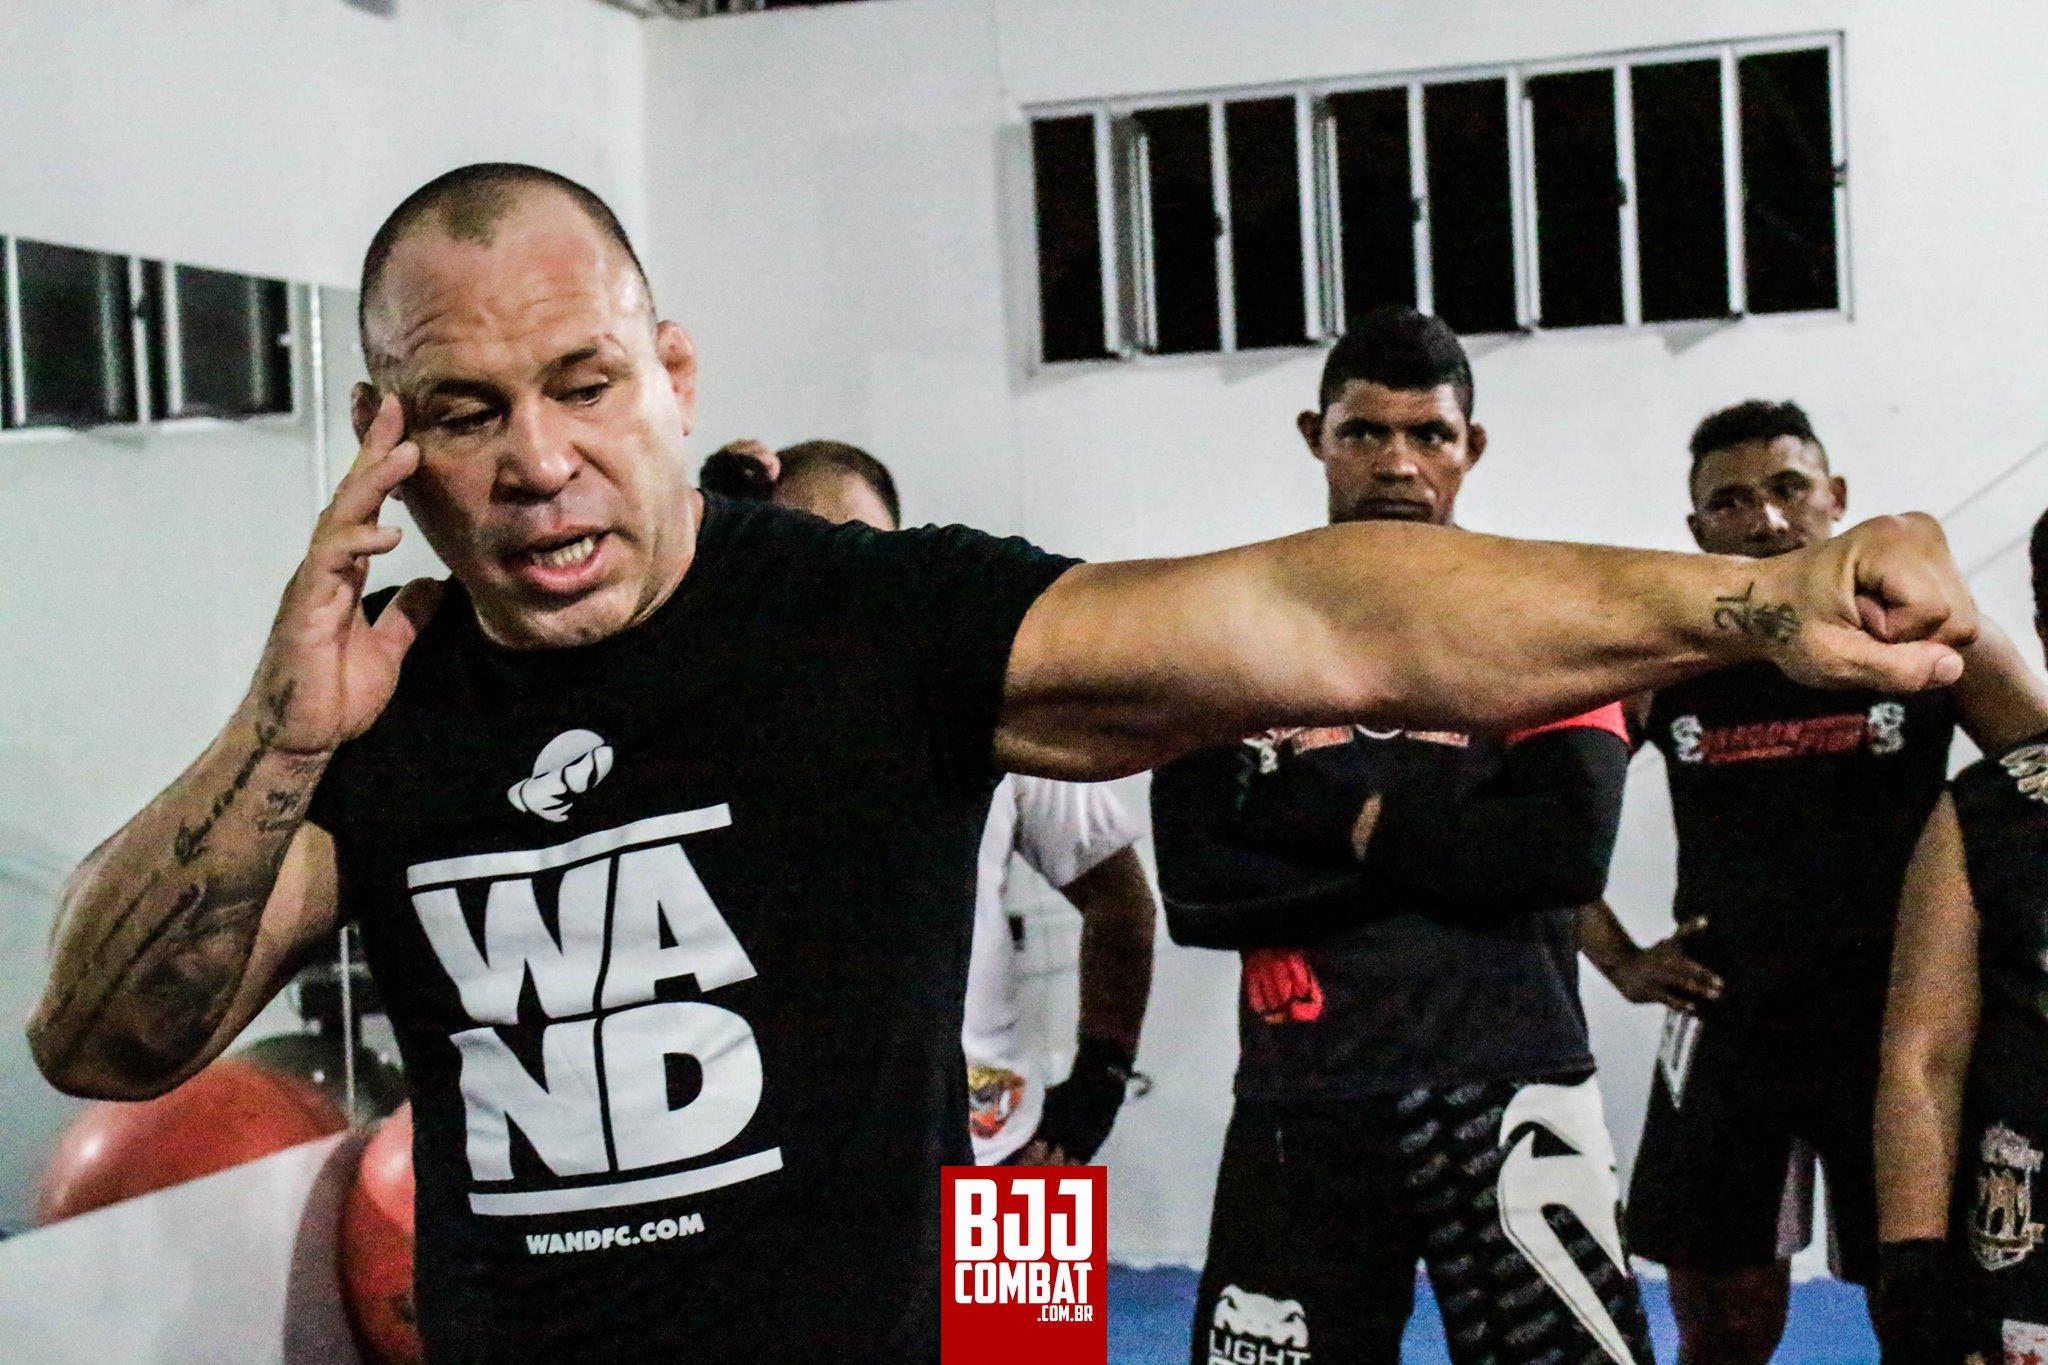 Wand veio ao Ceará ministrar dois seminários. Foto: BJJ Combat